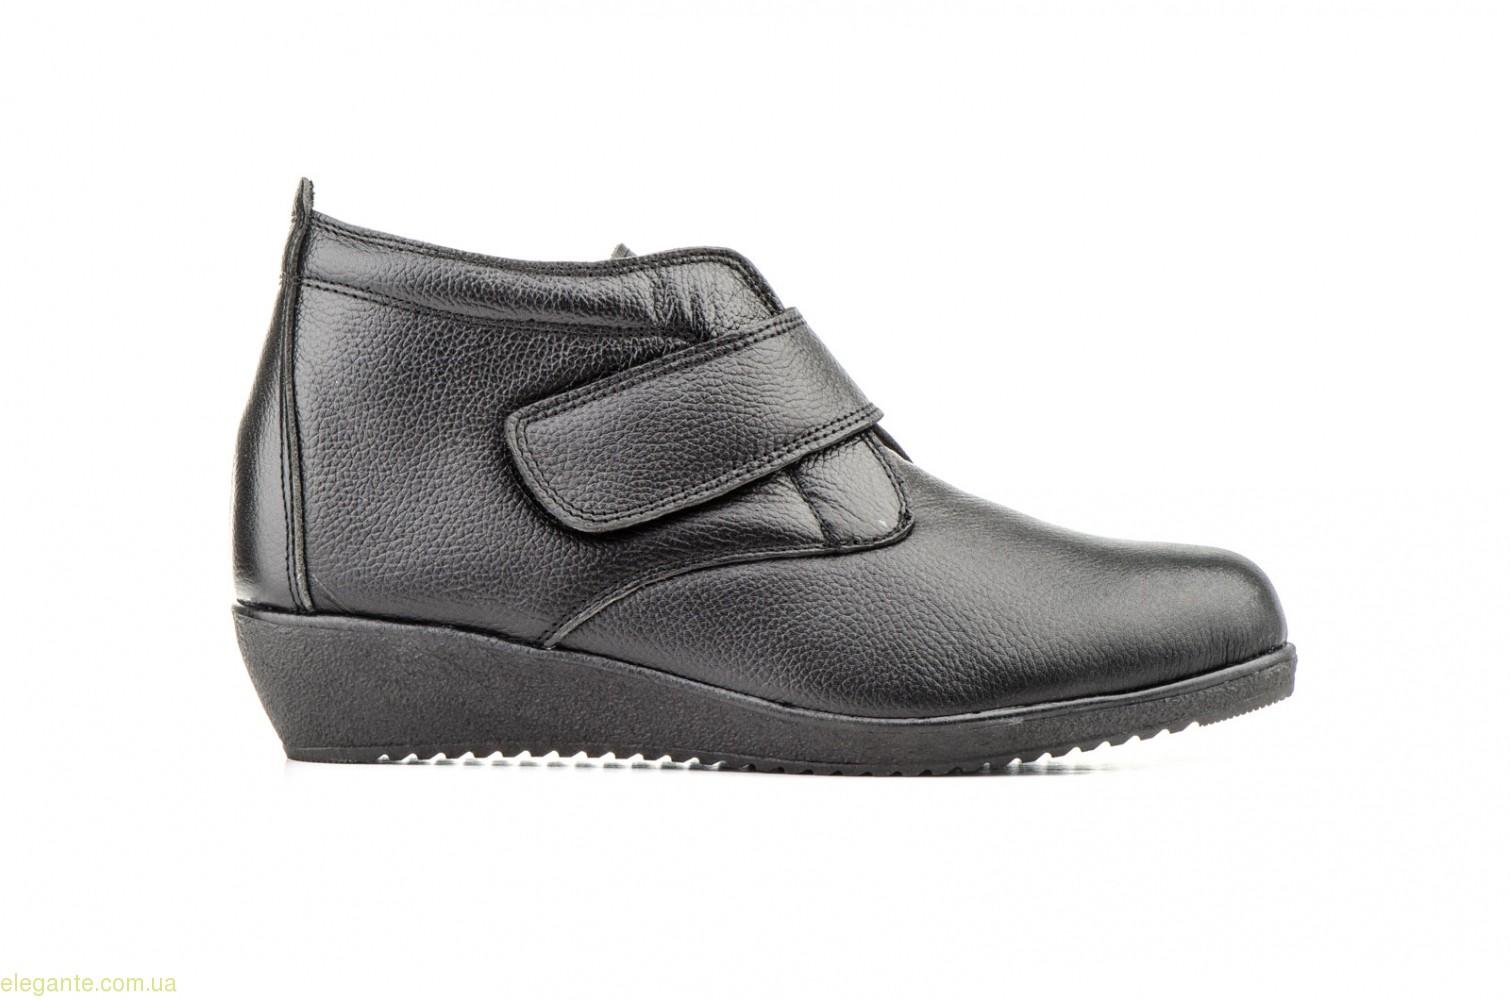 Женские ботинки ALTO ESTILO1 чёрные 0